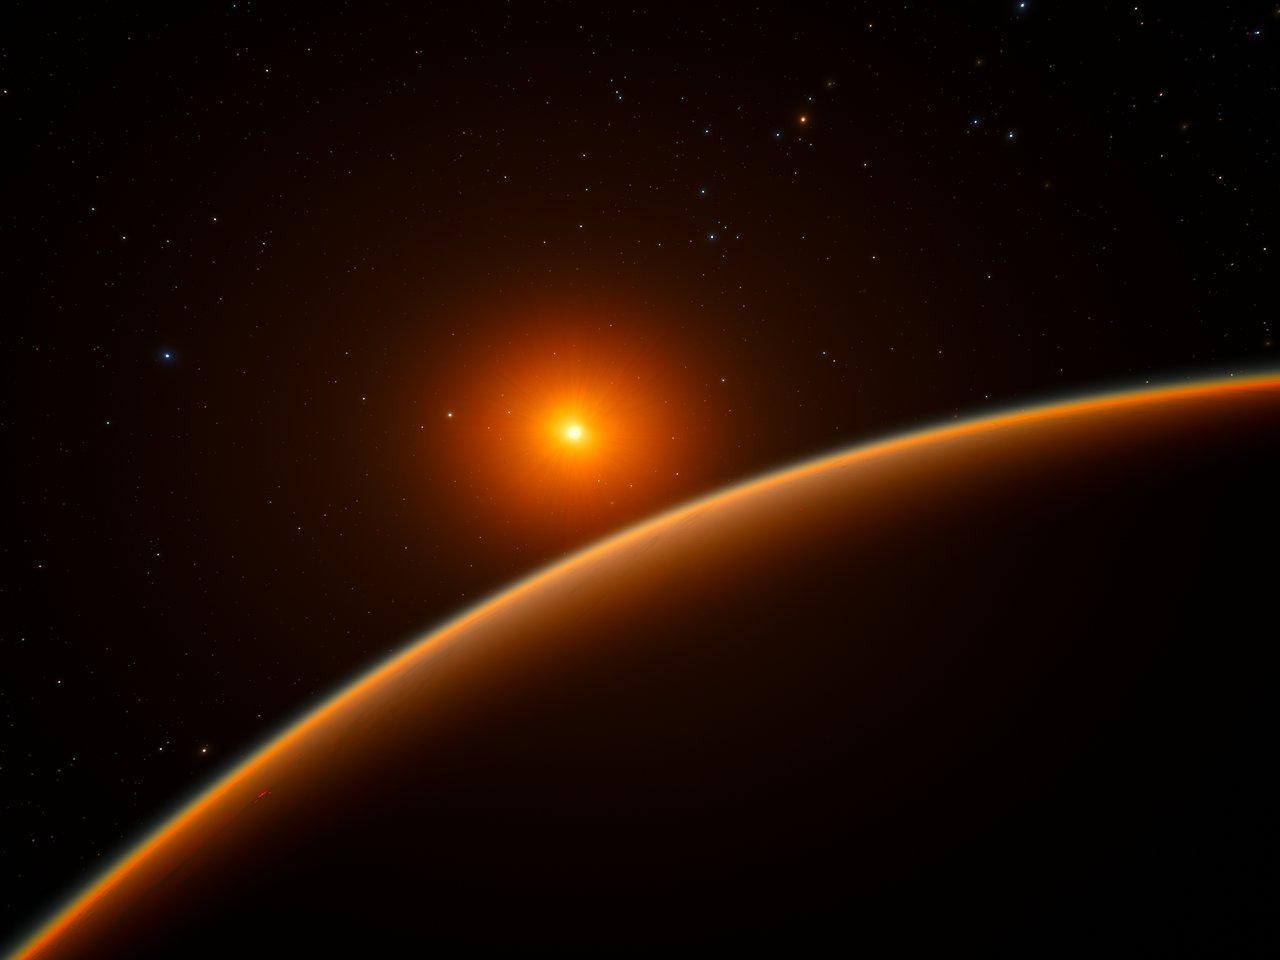 დედამიწის მსგავსი პლანეტა 25 000 სინათლის წლის მოშორებით — უიშვიათესი აღმოჩენა